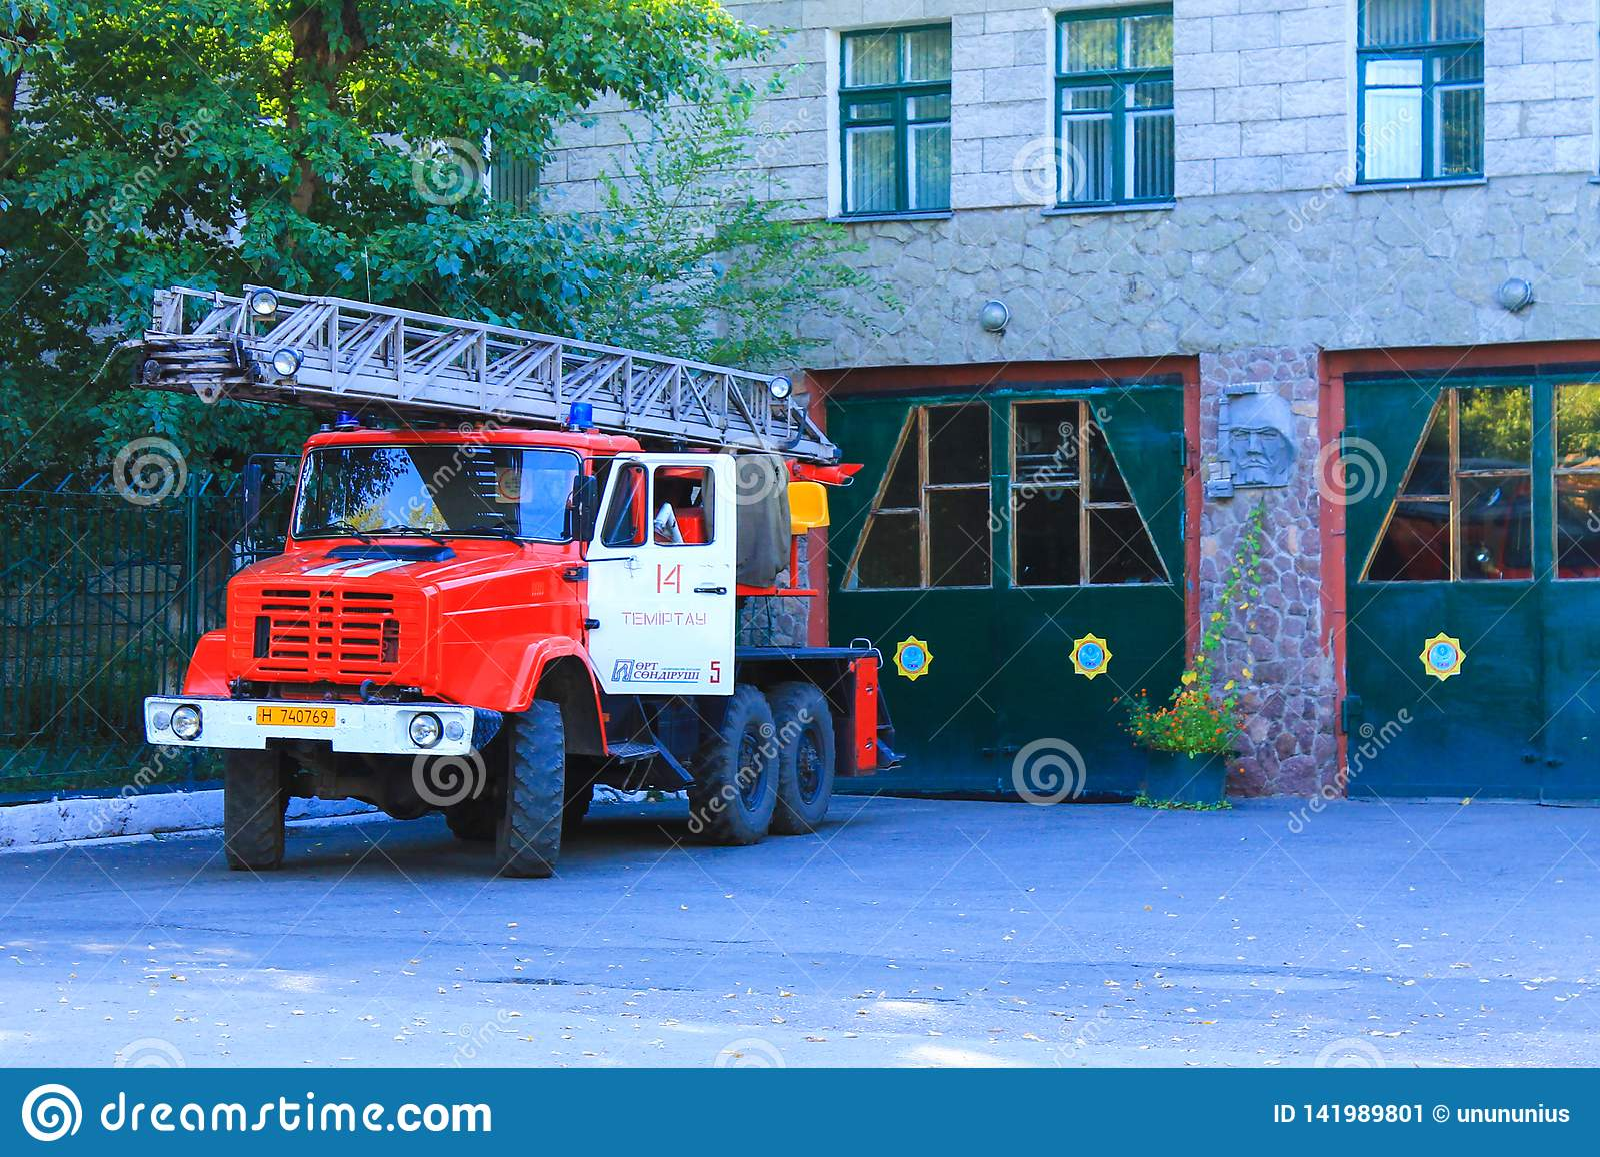 Forma de vida típica Kazajistán Edificio del cuerpo de bomberos central y del coche de bomberos rojo tradicional con la escalera